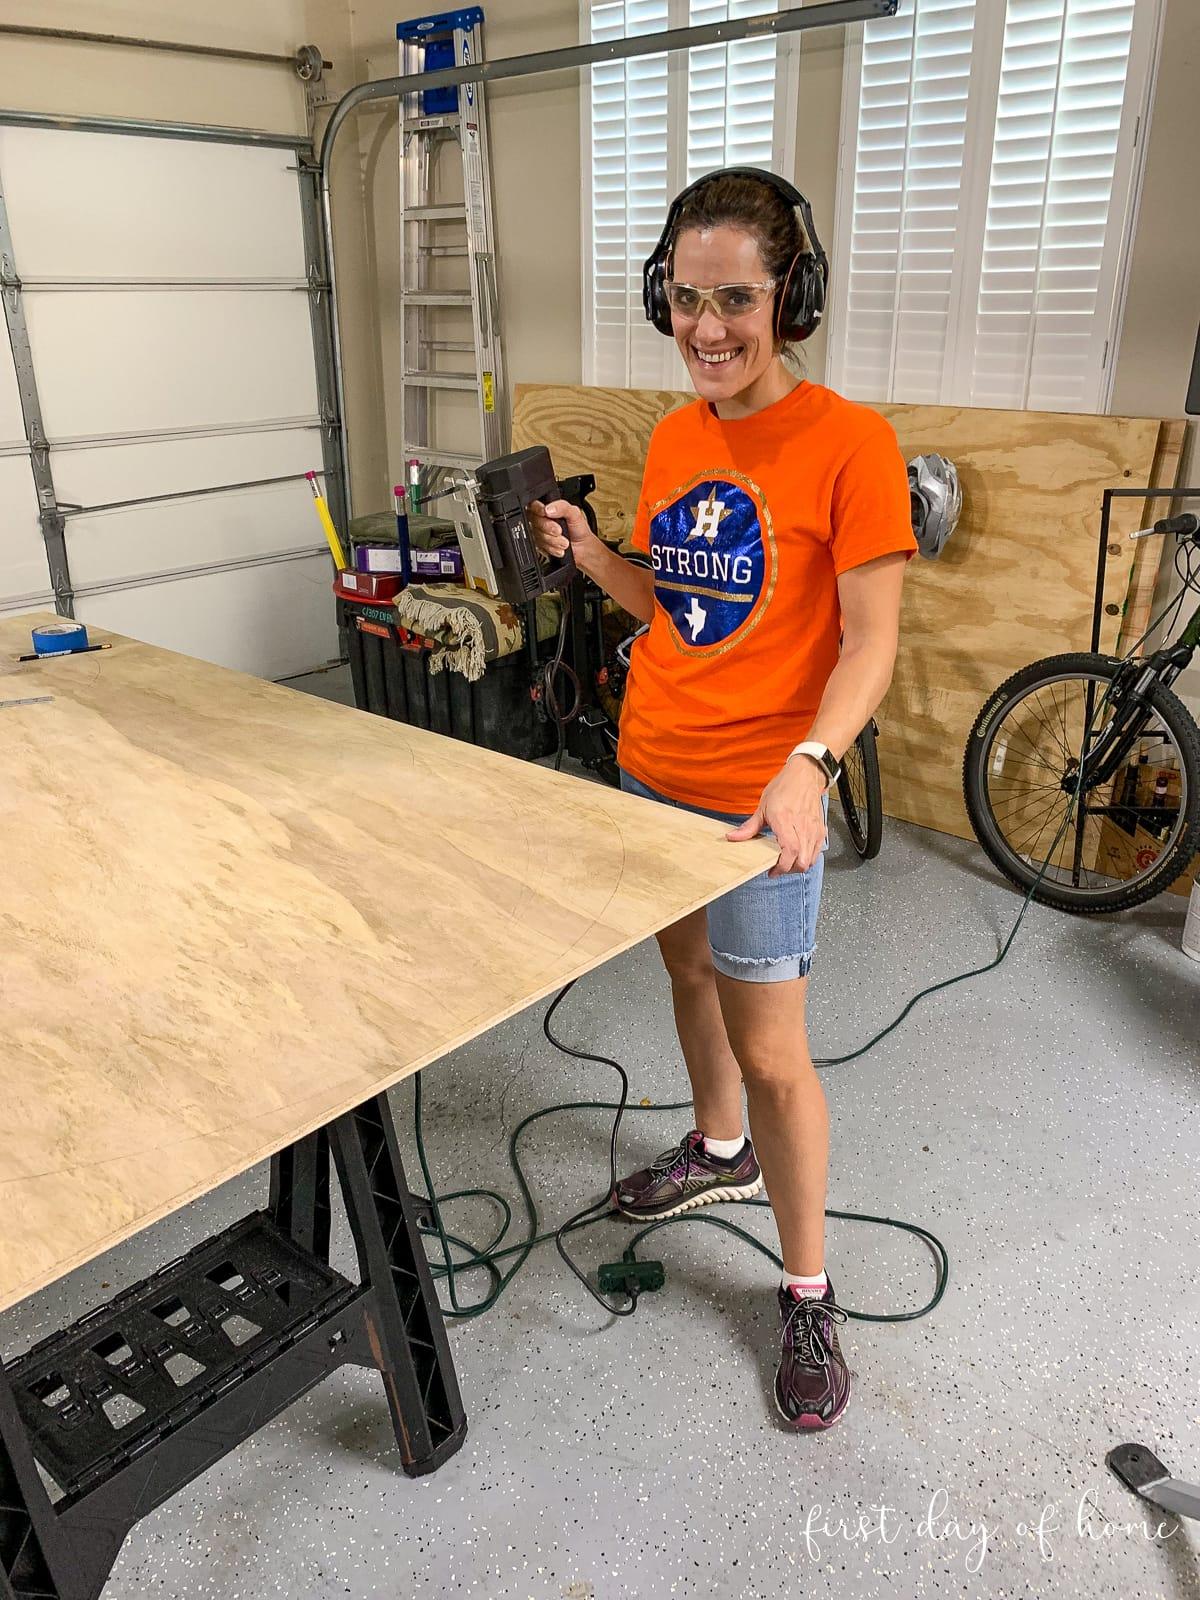 Cutting wooden pumpkins with jigsaw